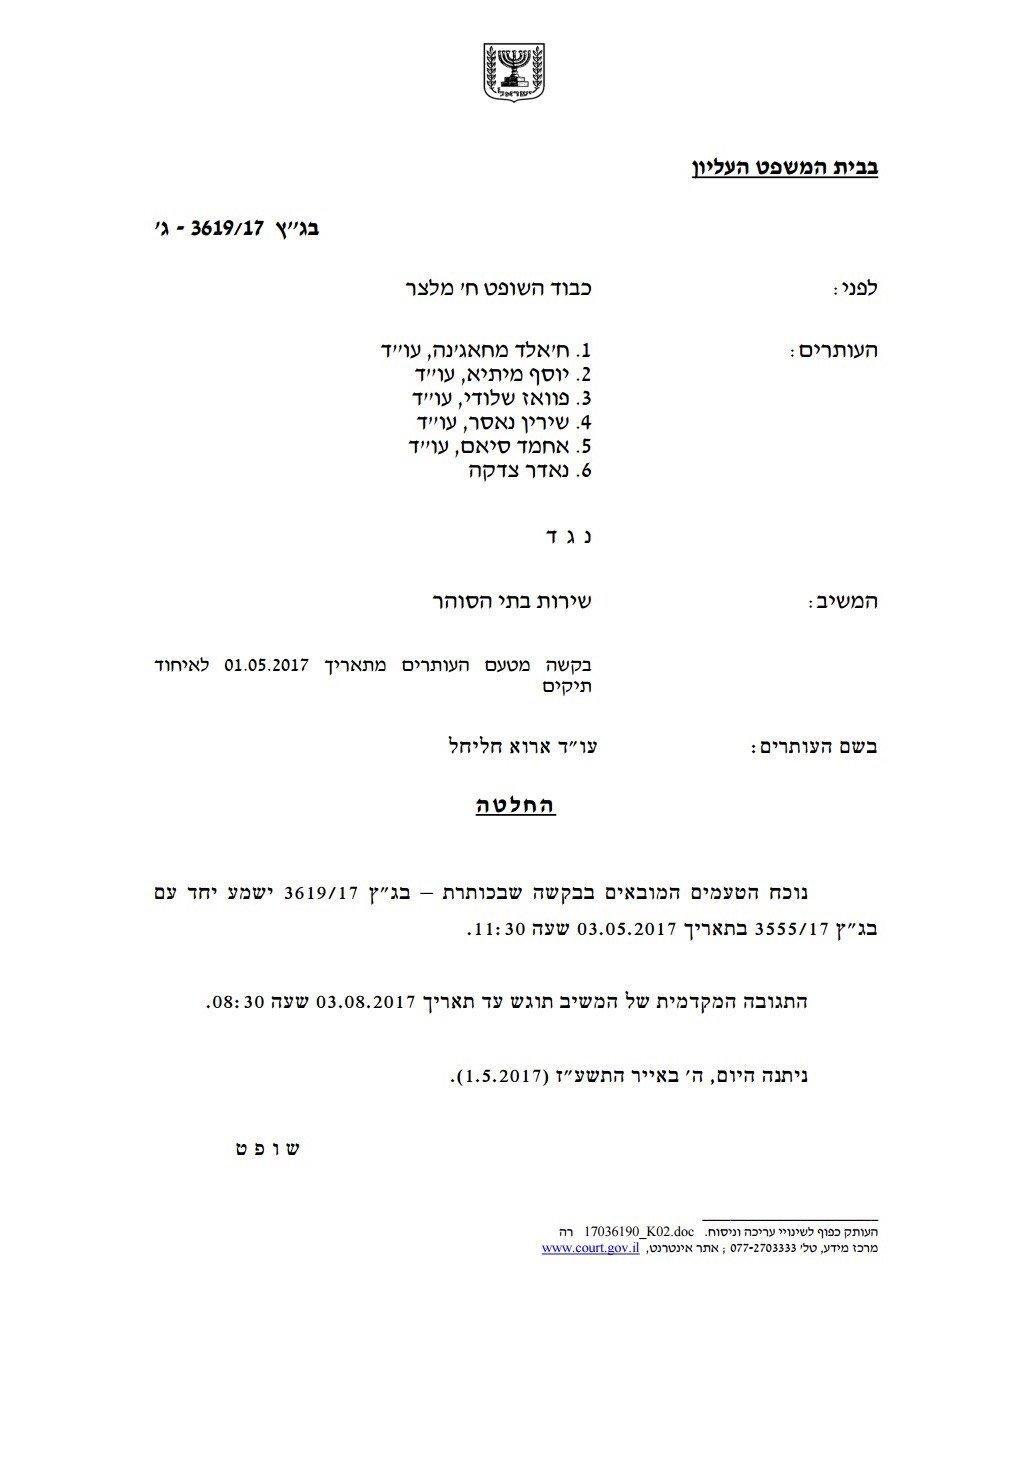 تقديم التماس للمحكمة العليا ضد منع المحامين من ملاقاة الاسرى-0